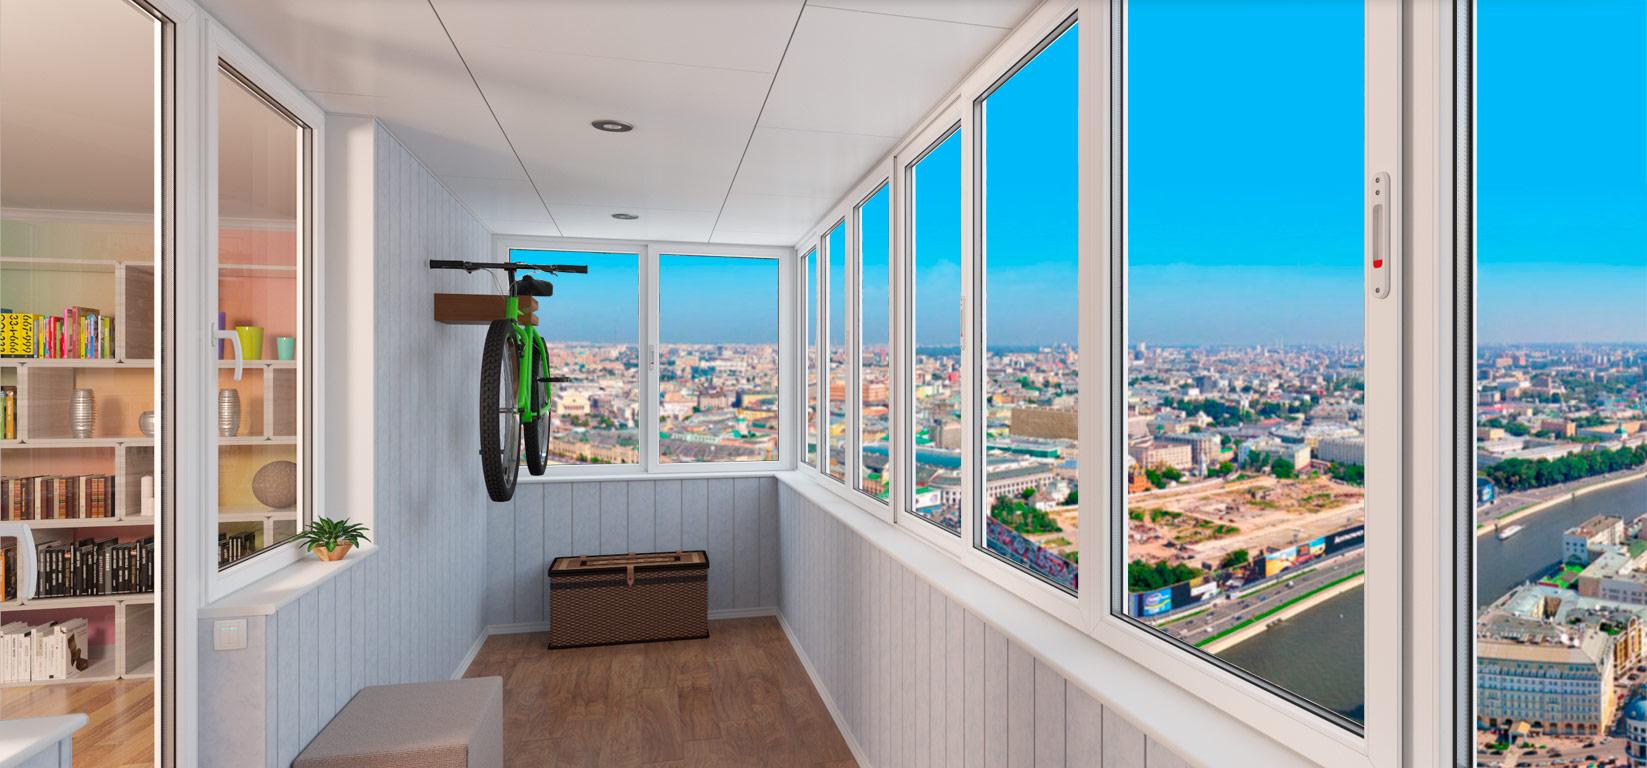 etapy-stekleniya-balkonov